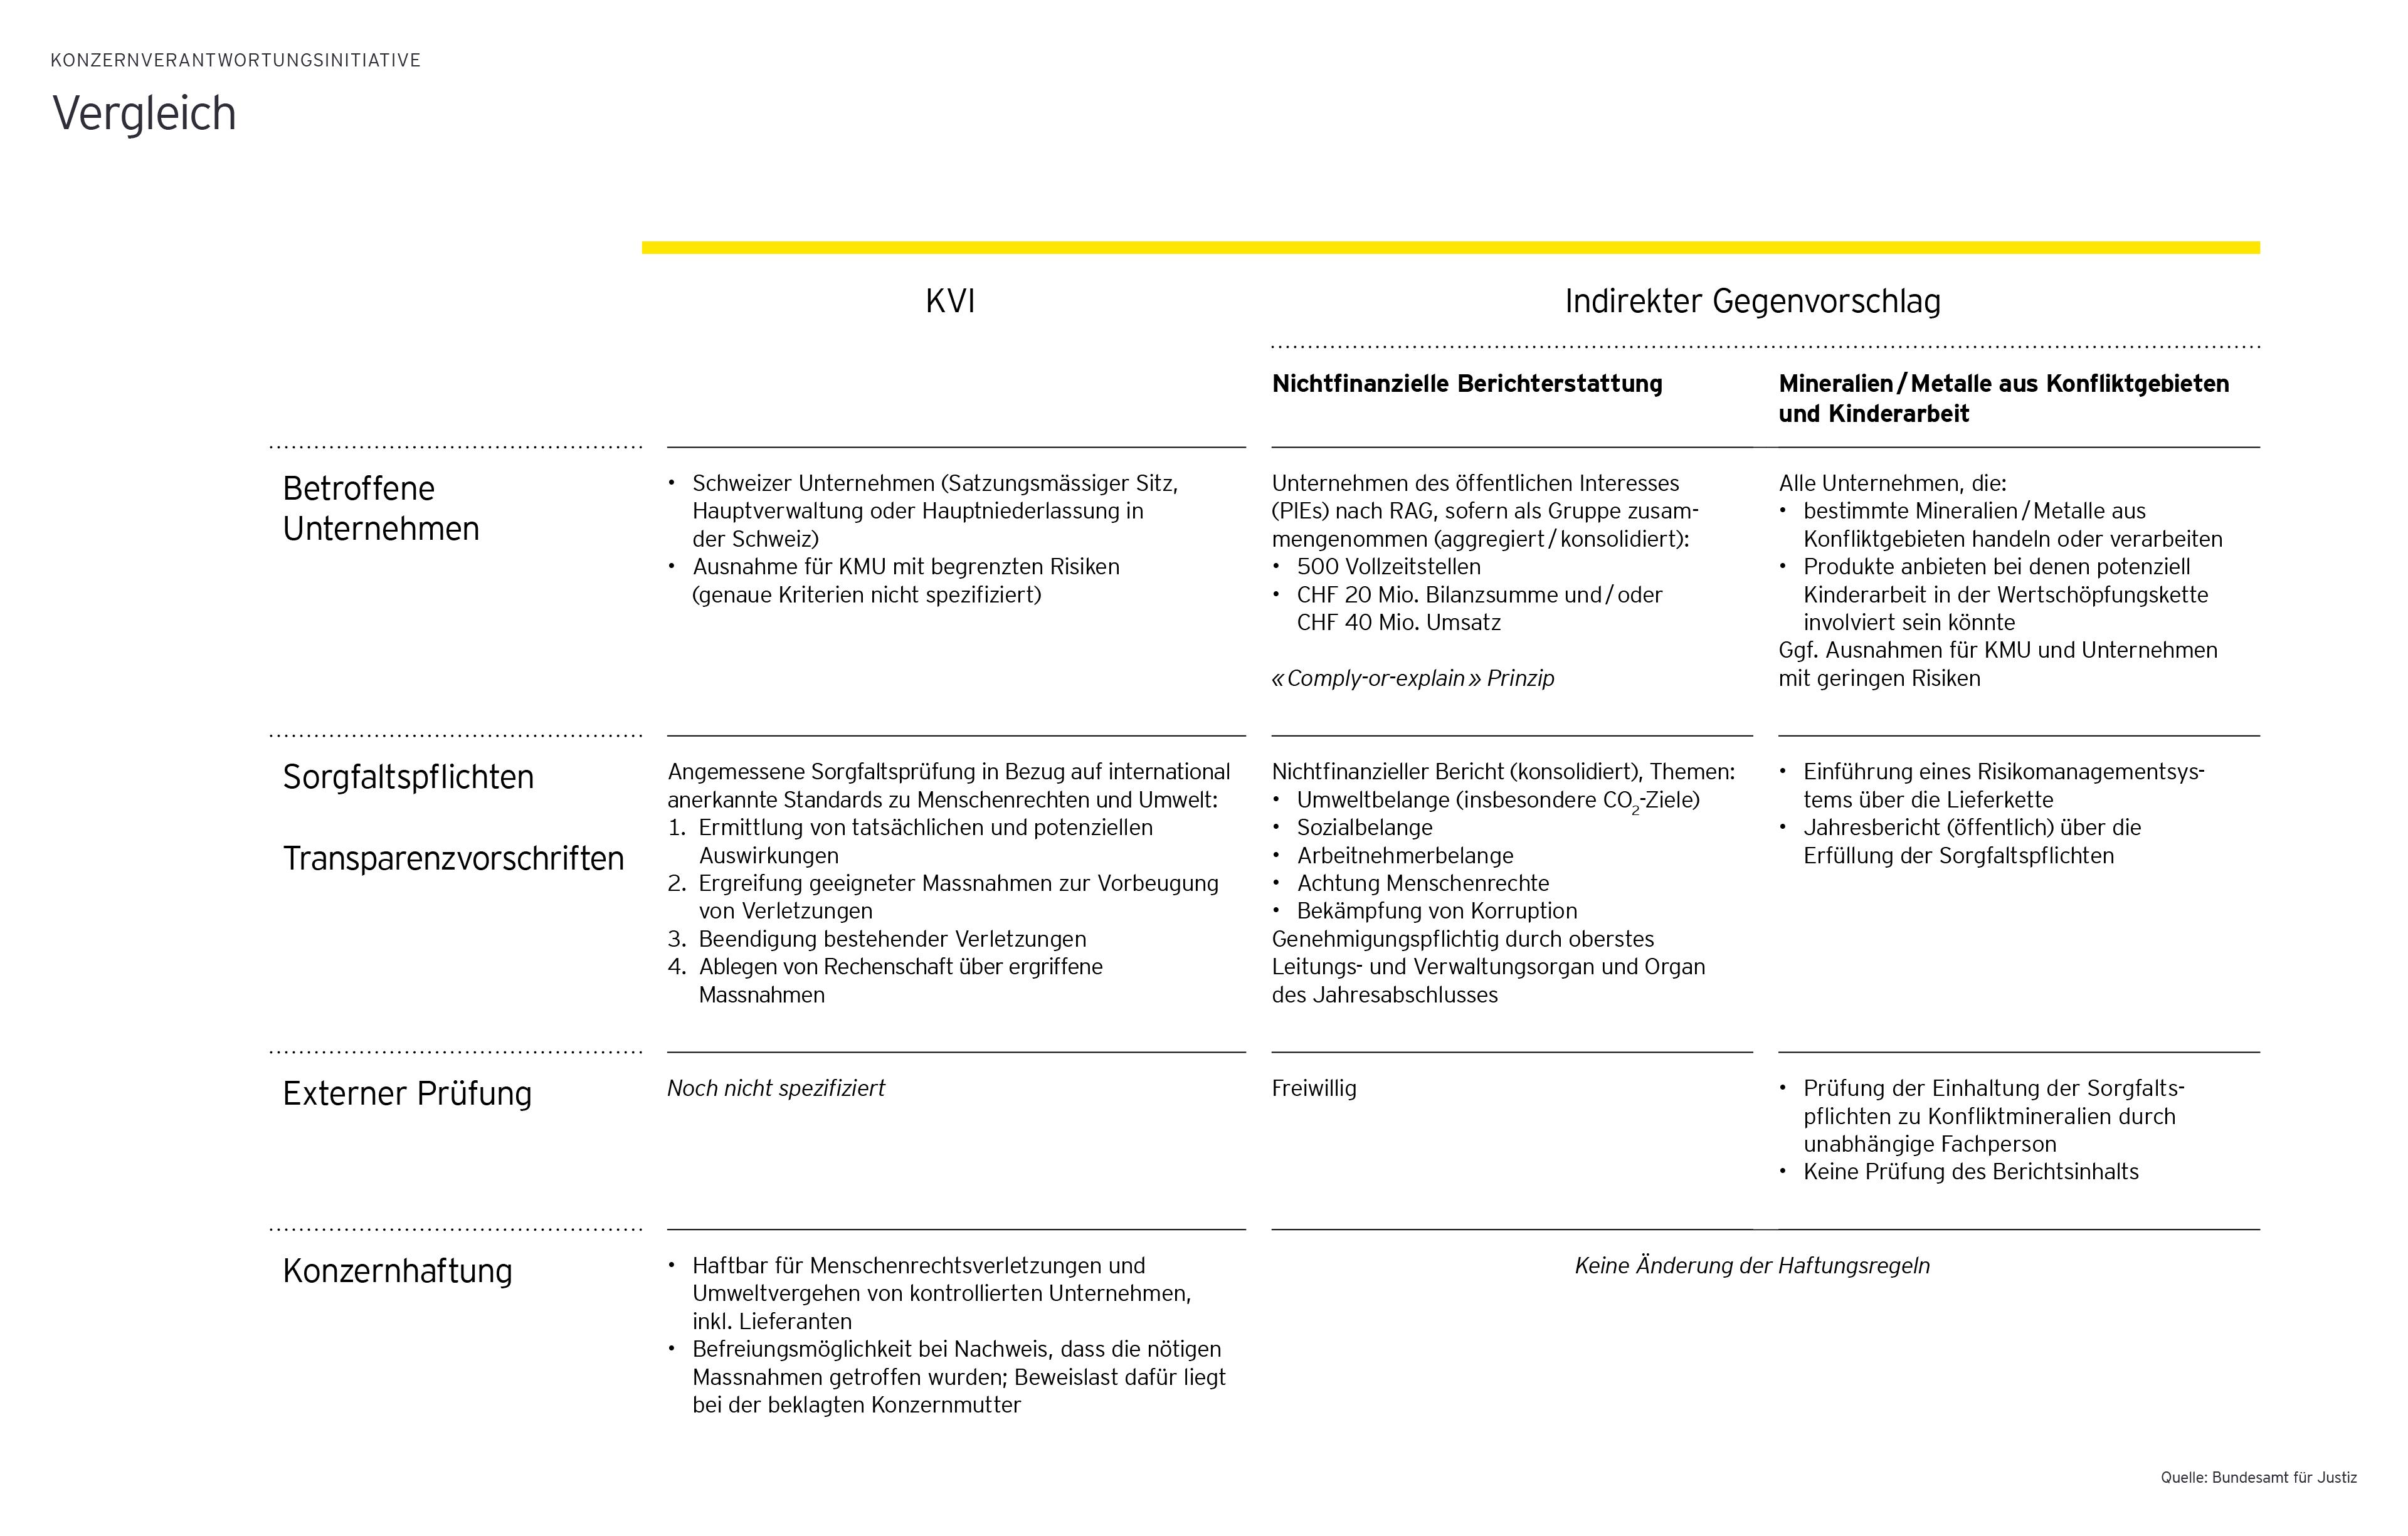 Das Photo zeigt das Vergleich der Konzernverantwortungsinitiative